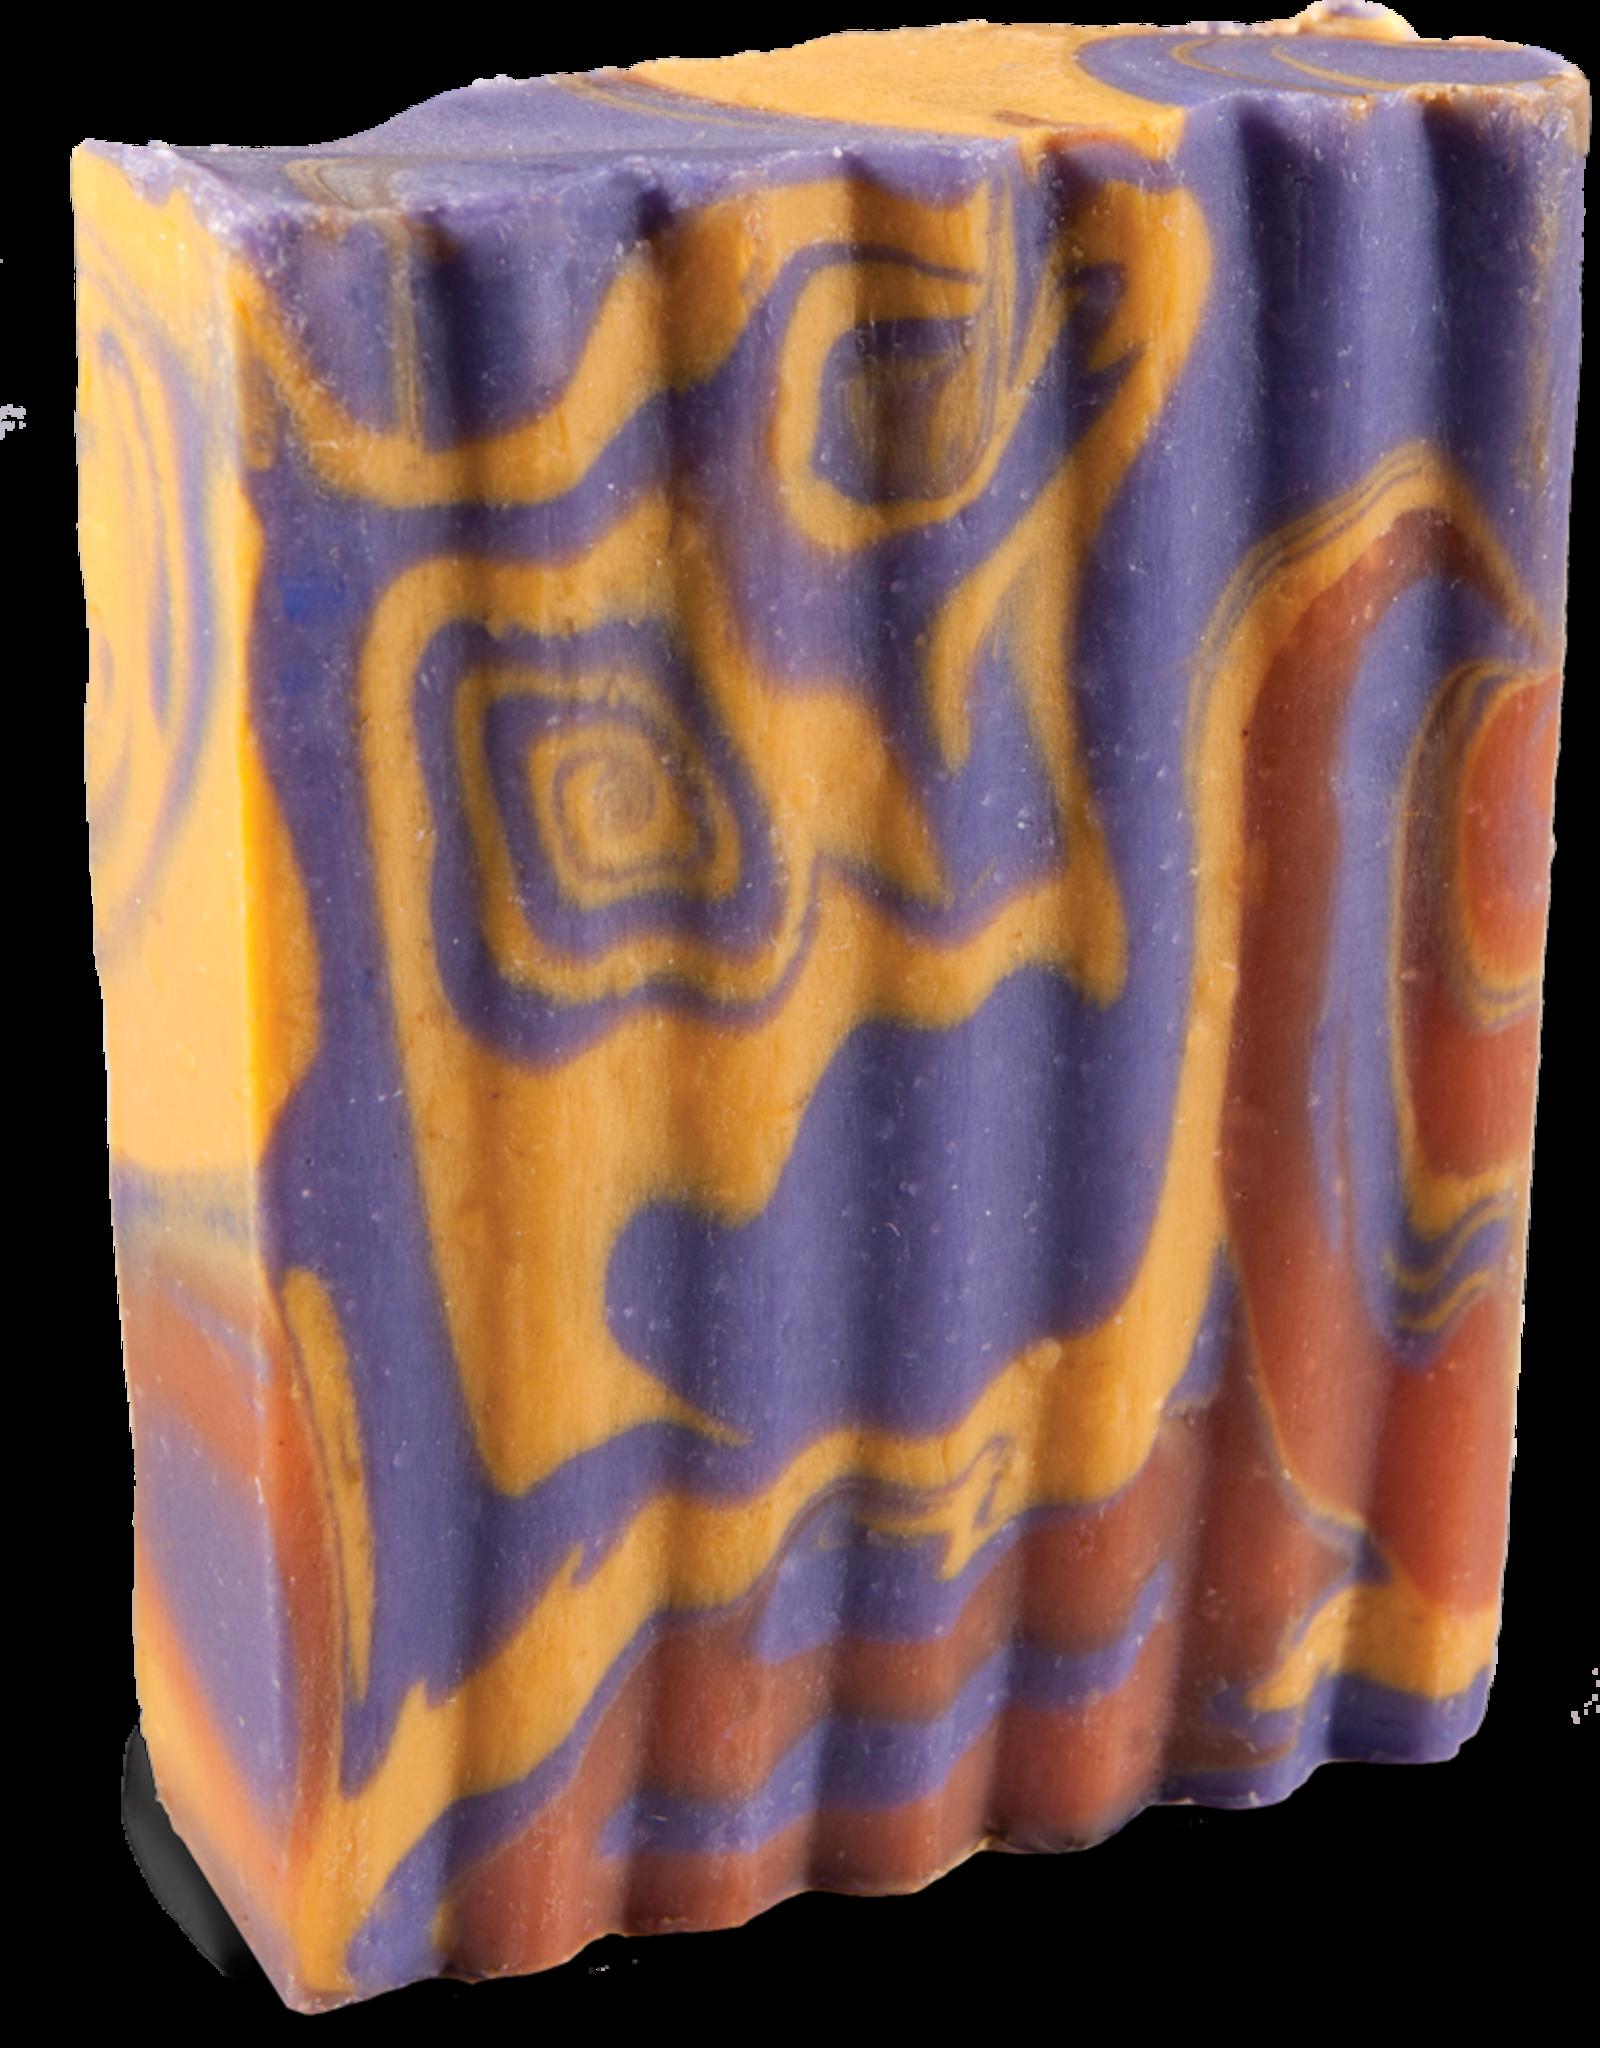 ZUM Lavender-Lemon & Patchouli Goat Milk Soap